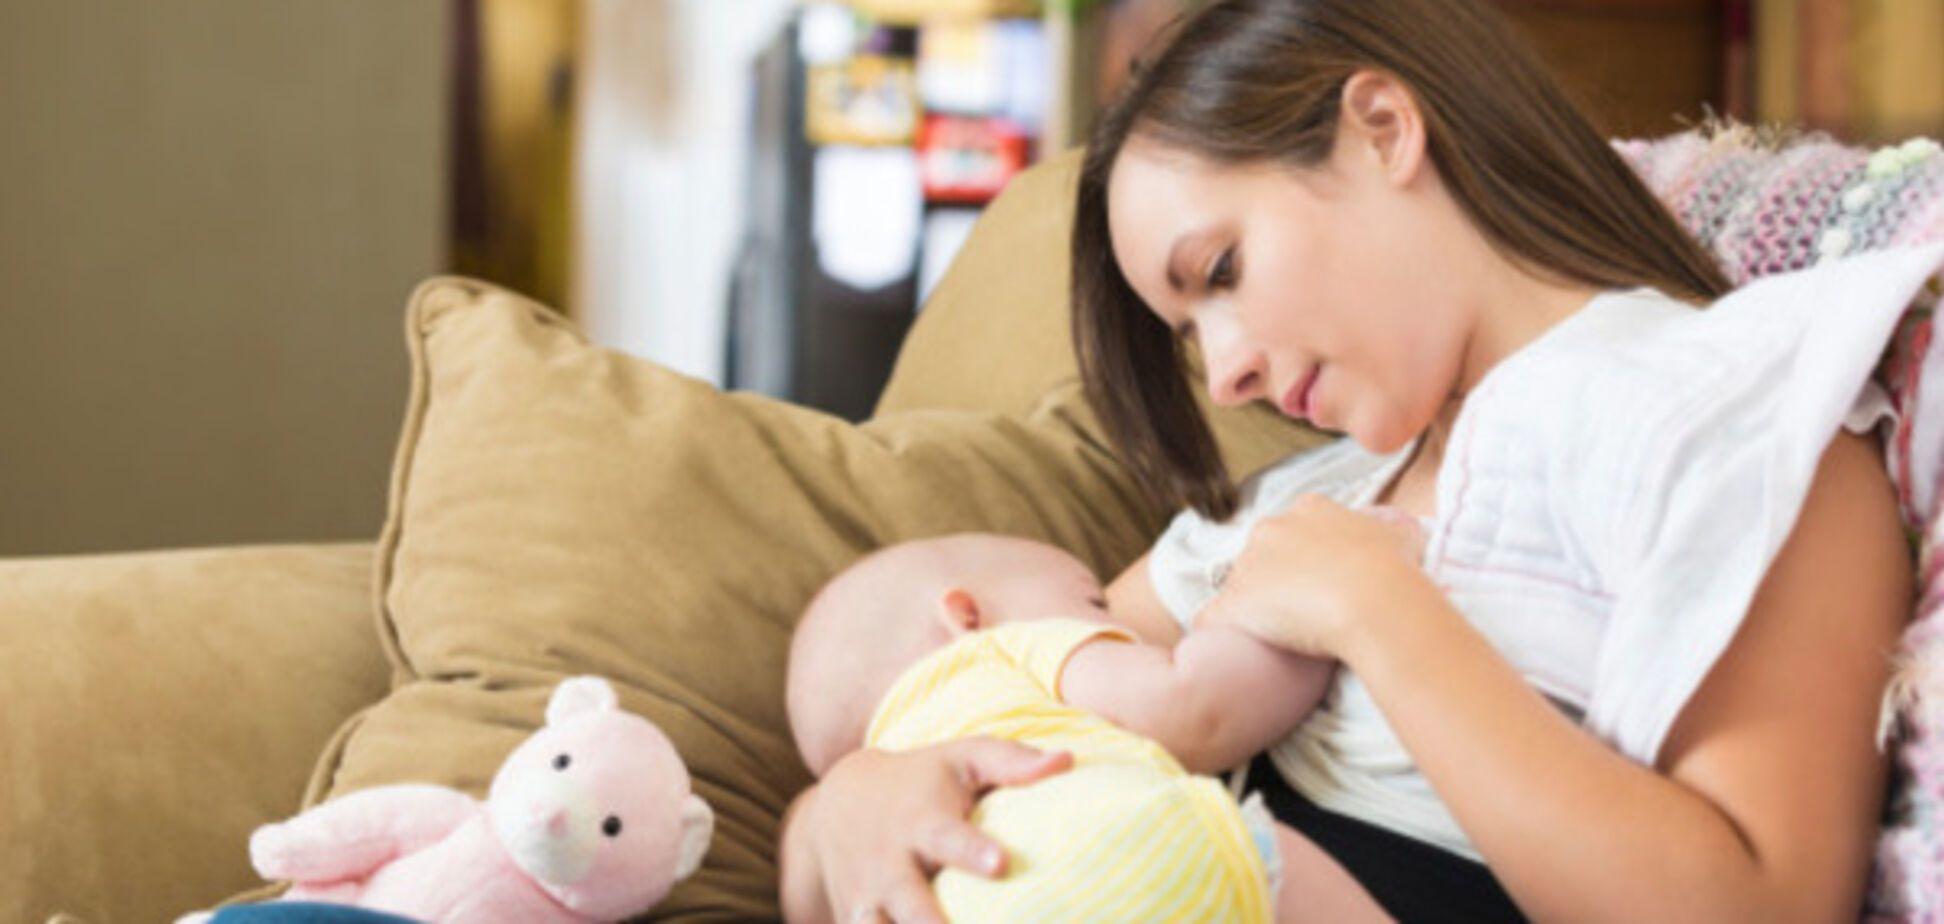 Грудь после беременности: советы по уходу и восстановлению